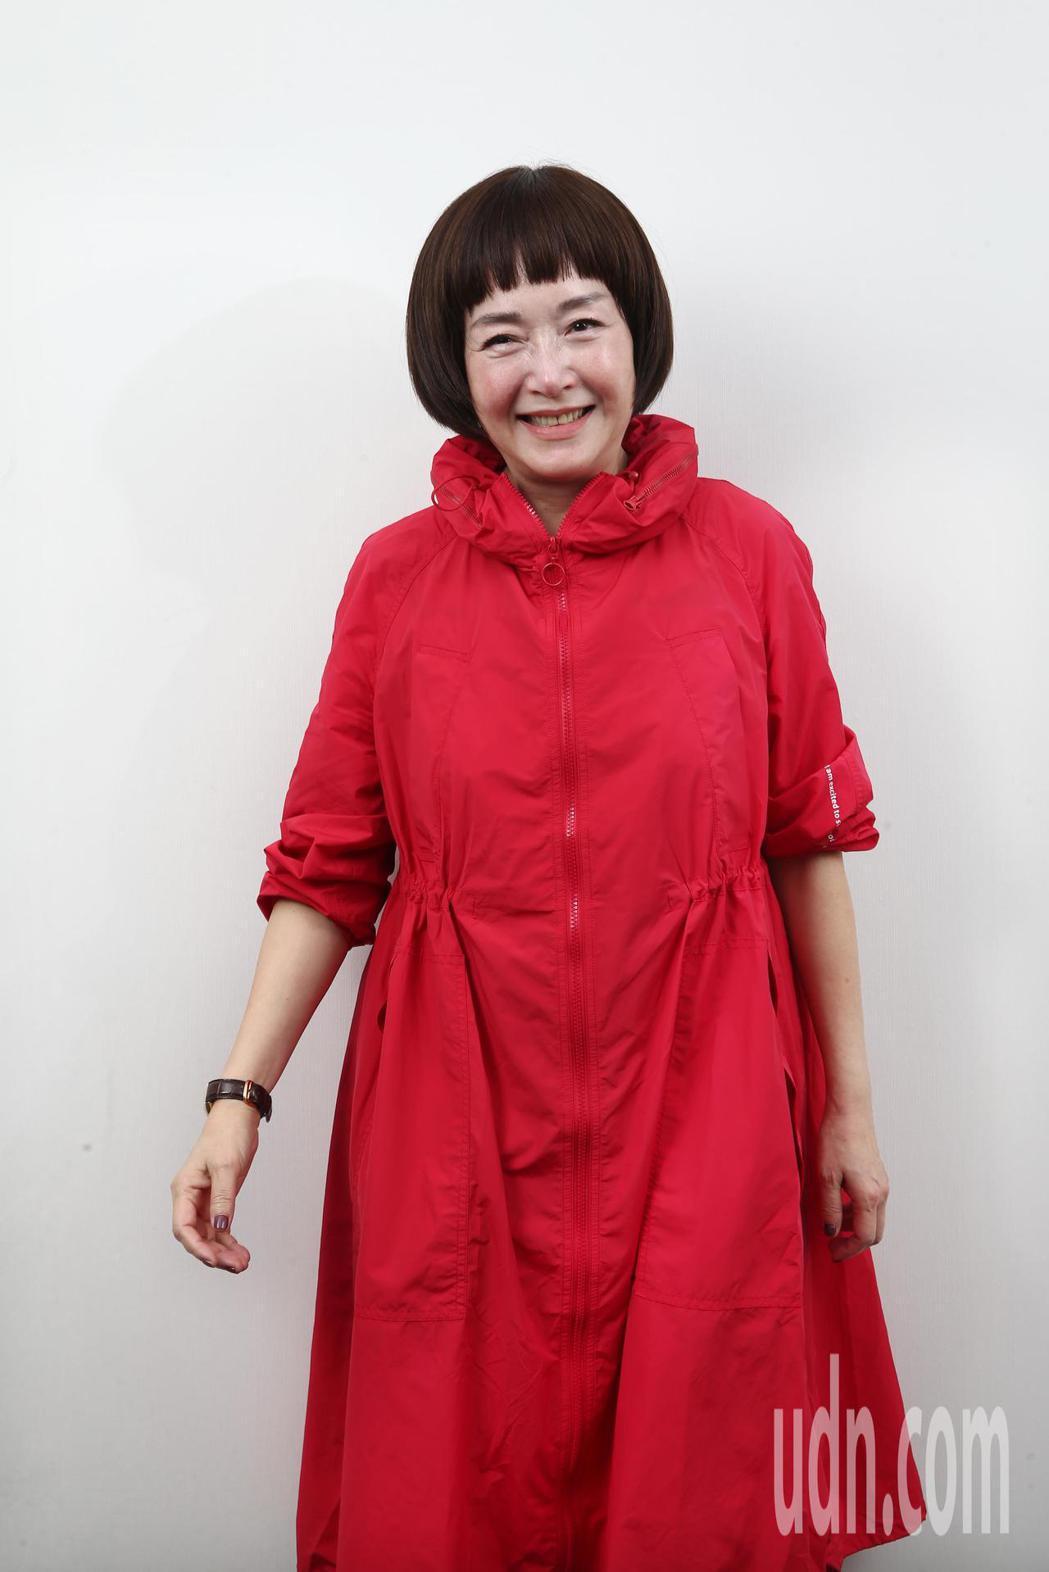 恬妞專訪。記者蘇健忠/攝影